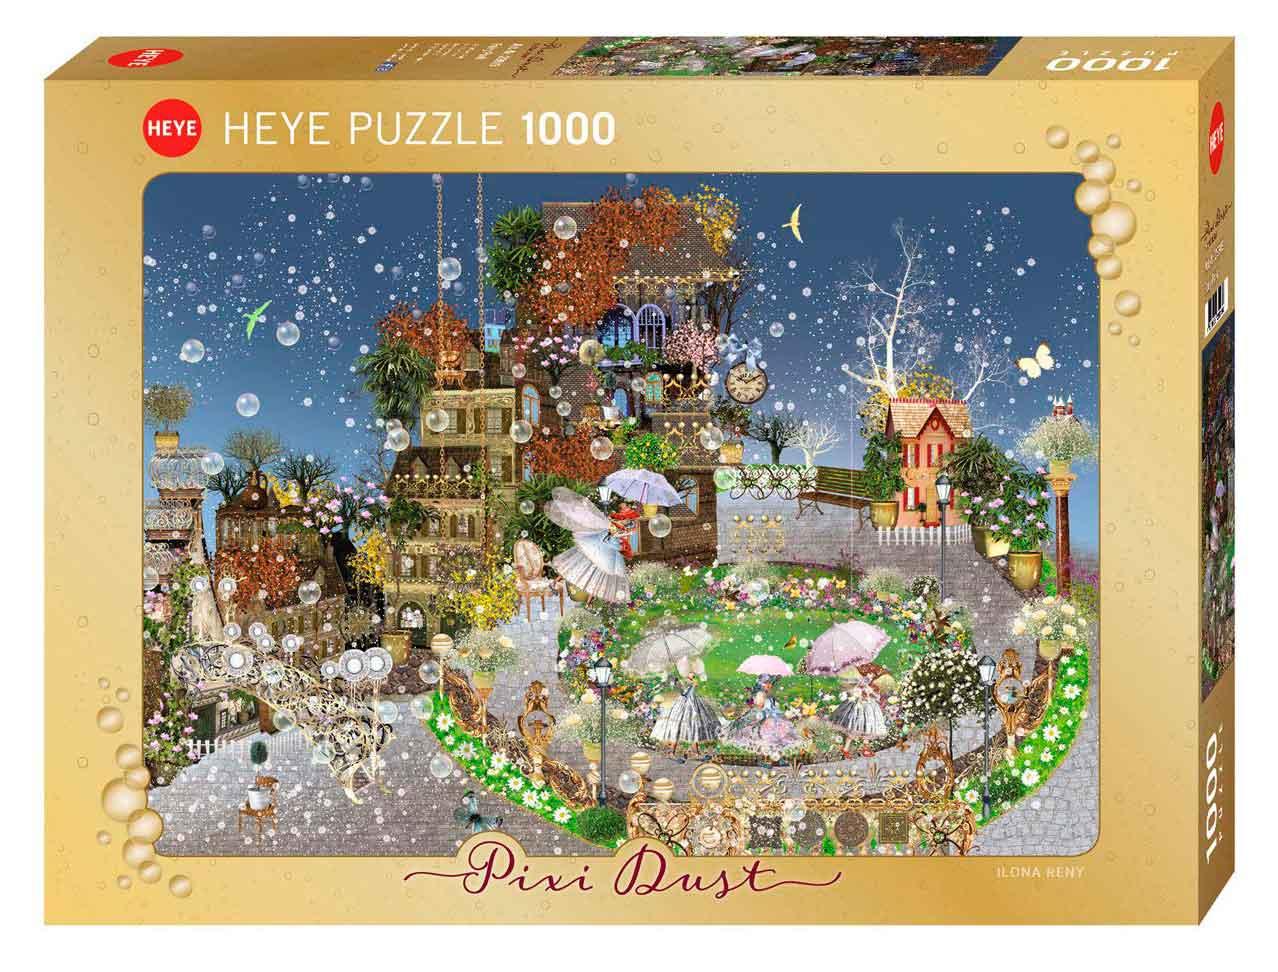 Puzzle Heye Pixie Dust, Parque de las Hadas de 1000 Pzs